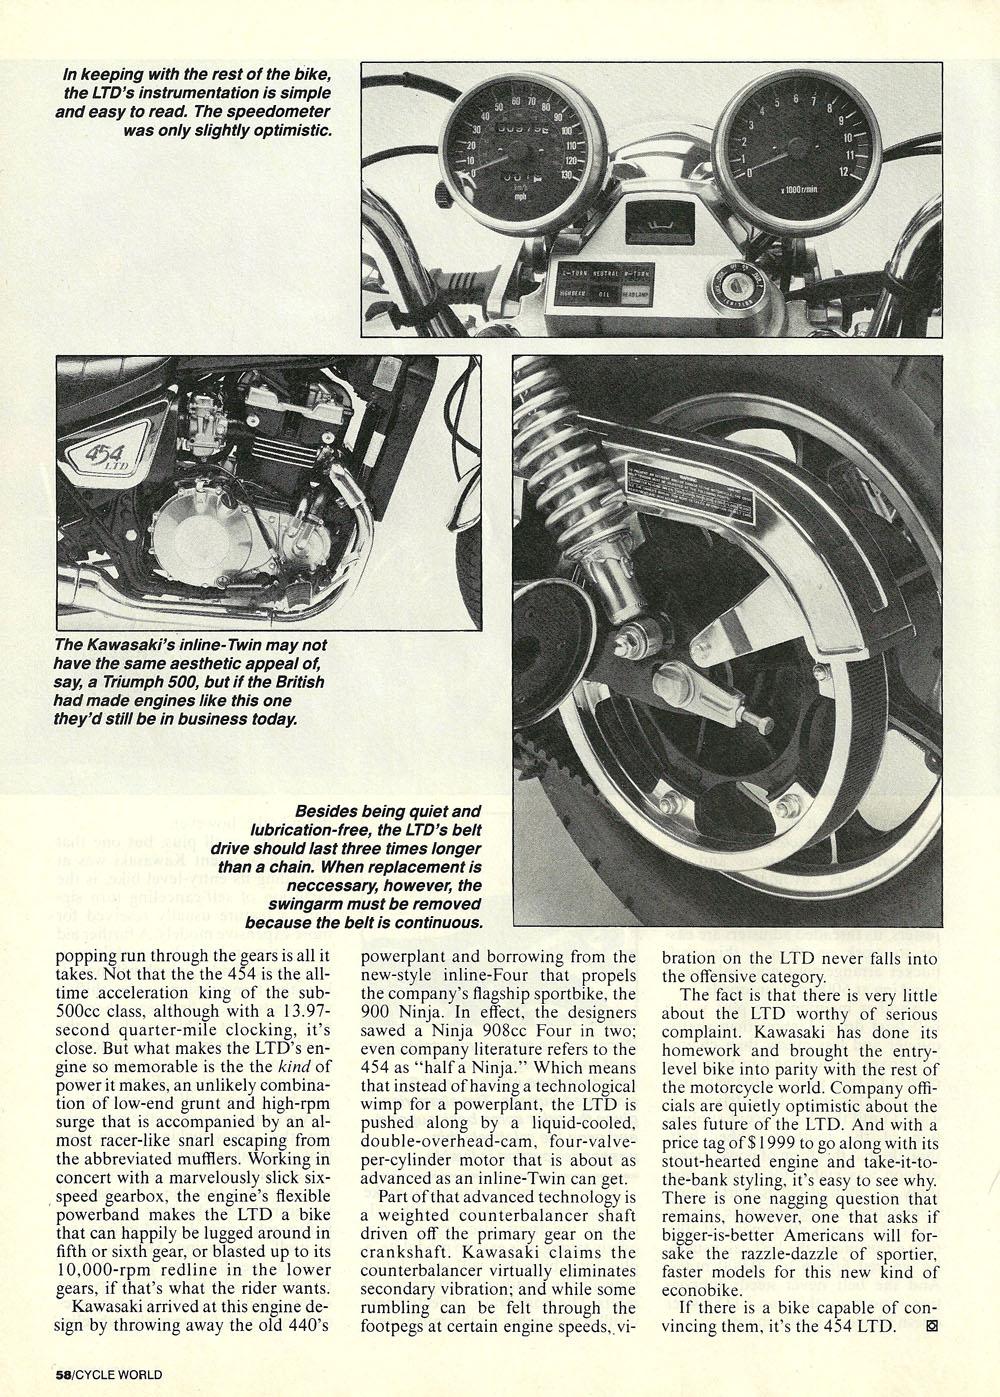 1985 Kawasaki 454 ltd road test 04.jpg